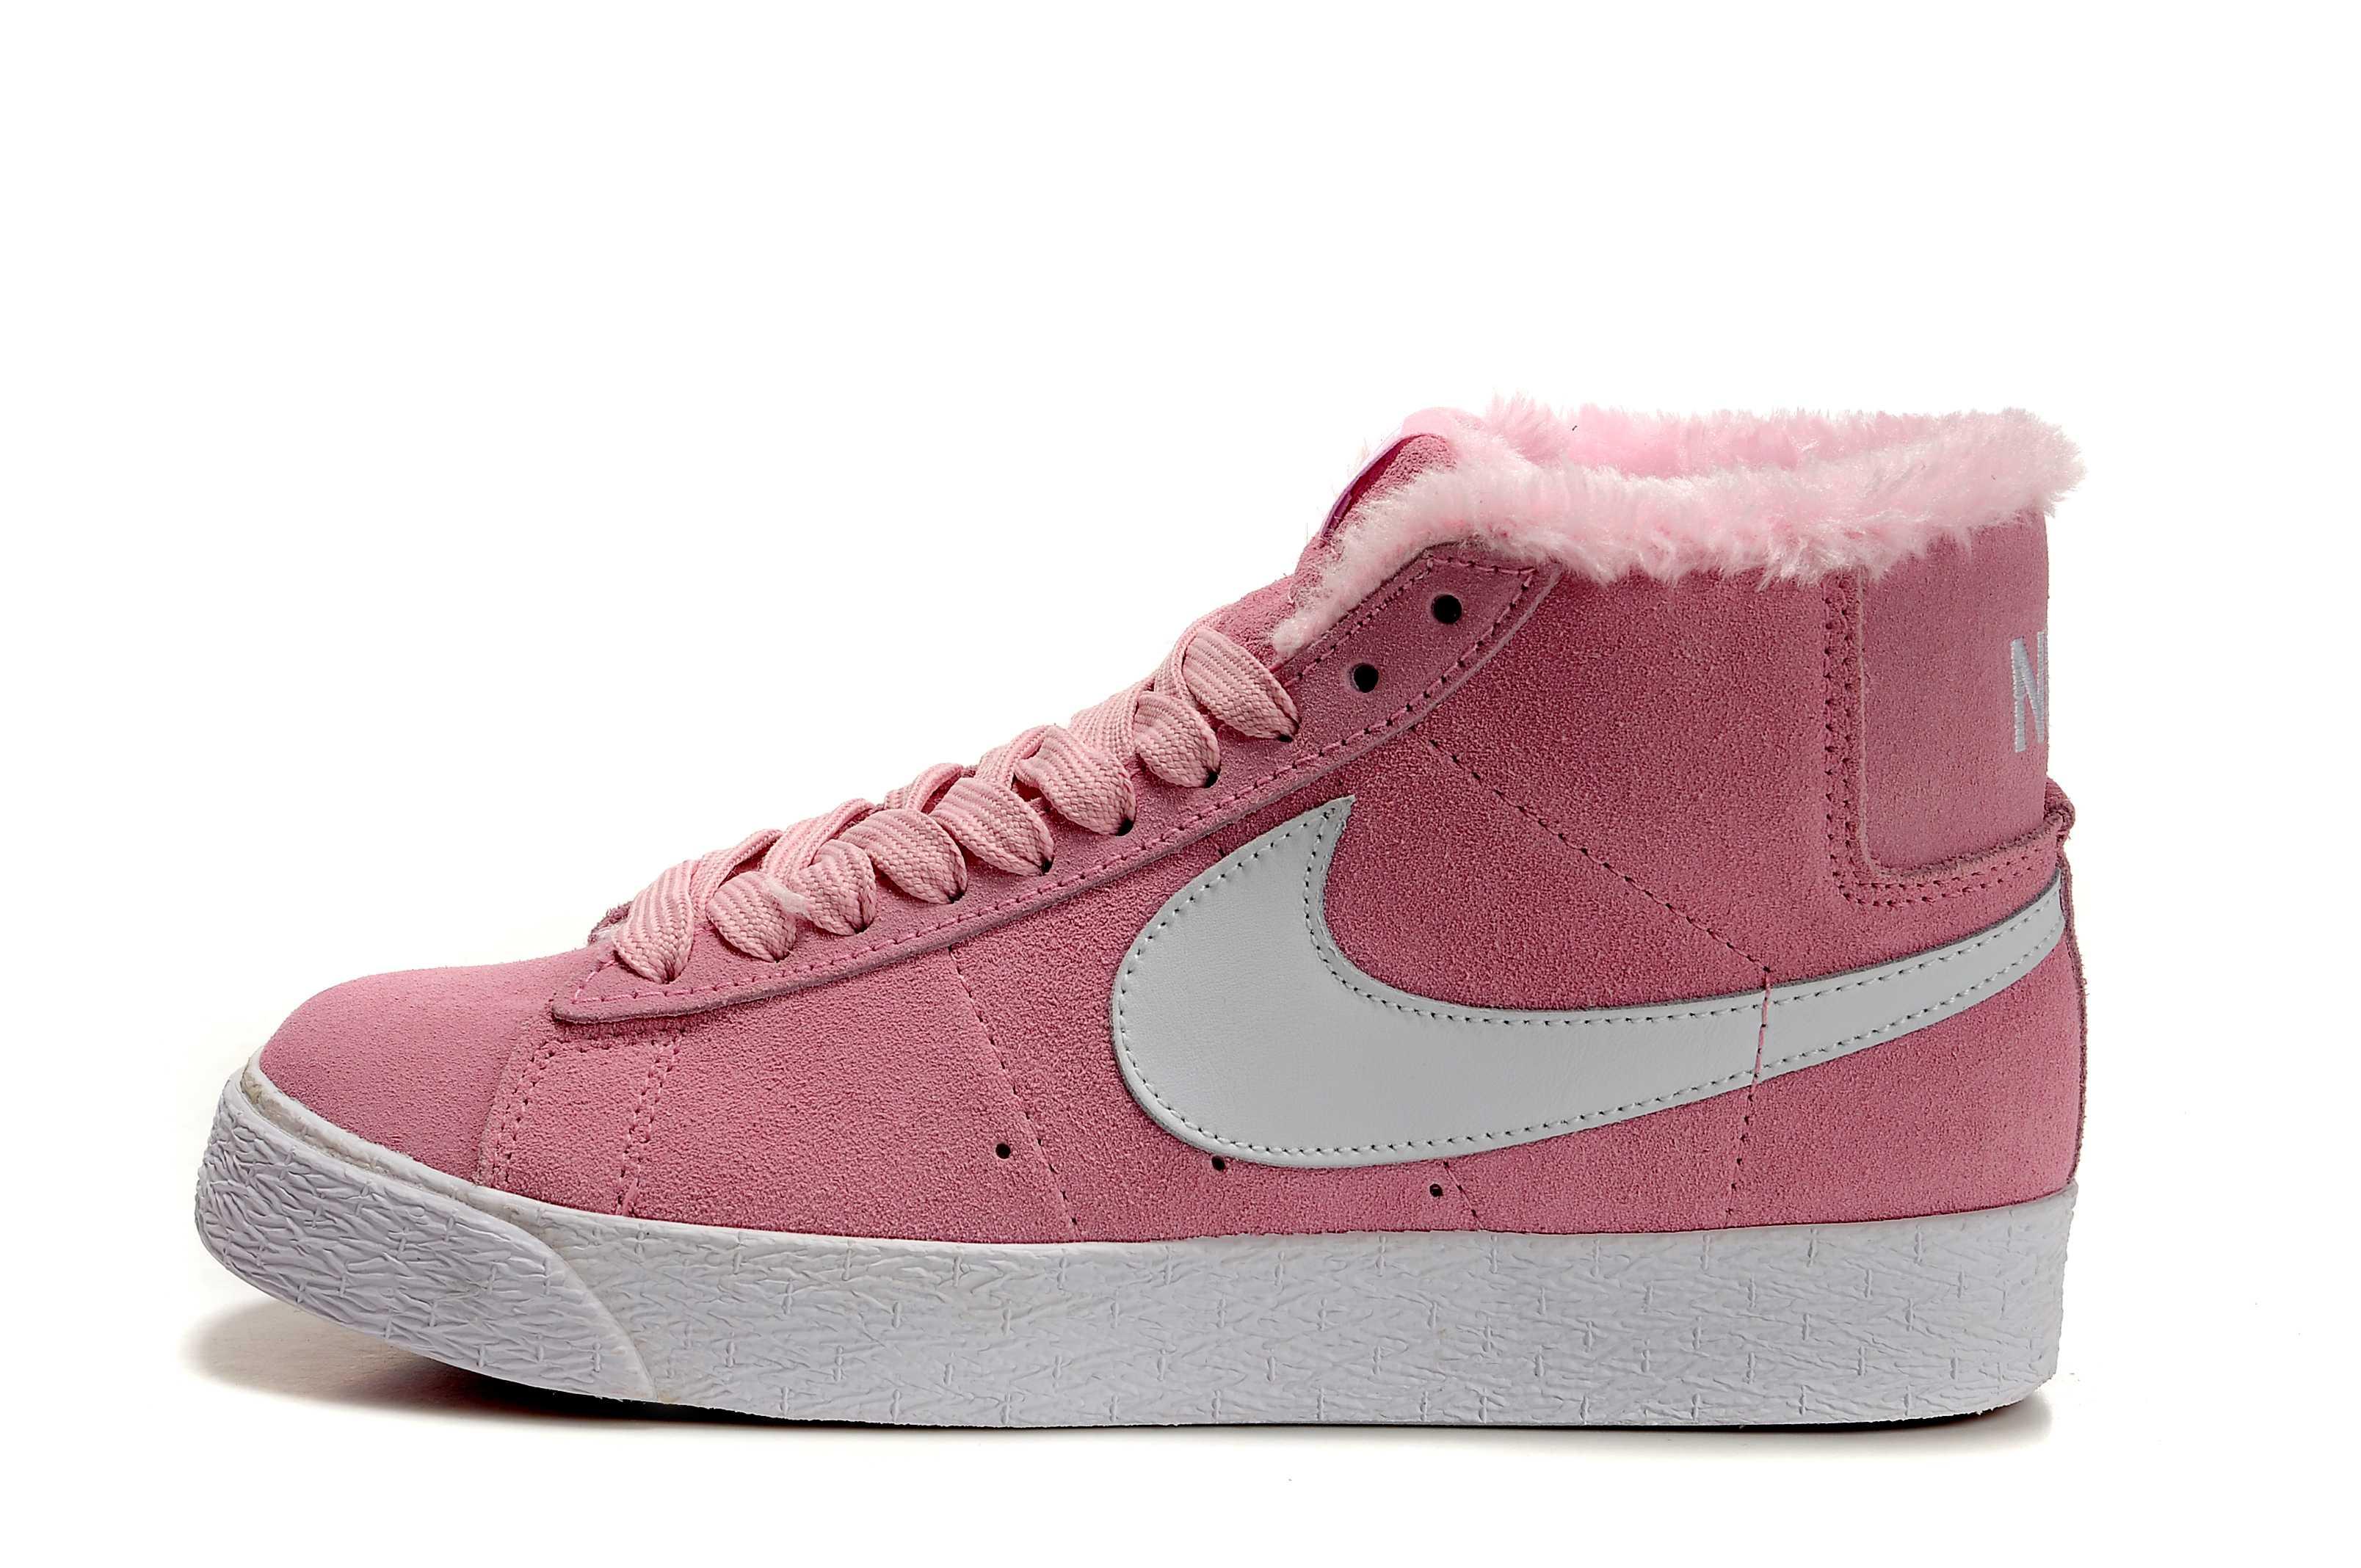 quality design 75e2b 7f8e6 Nike Blazer High France